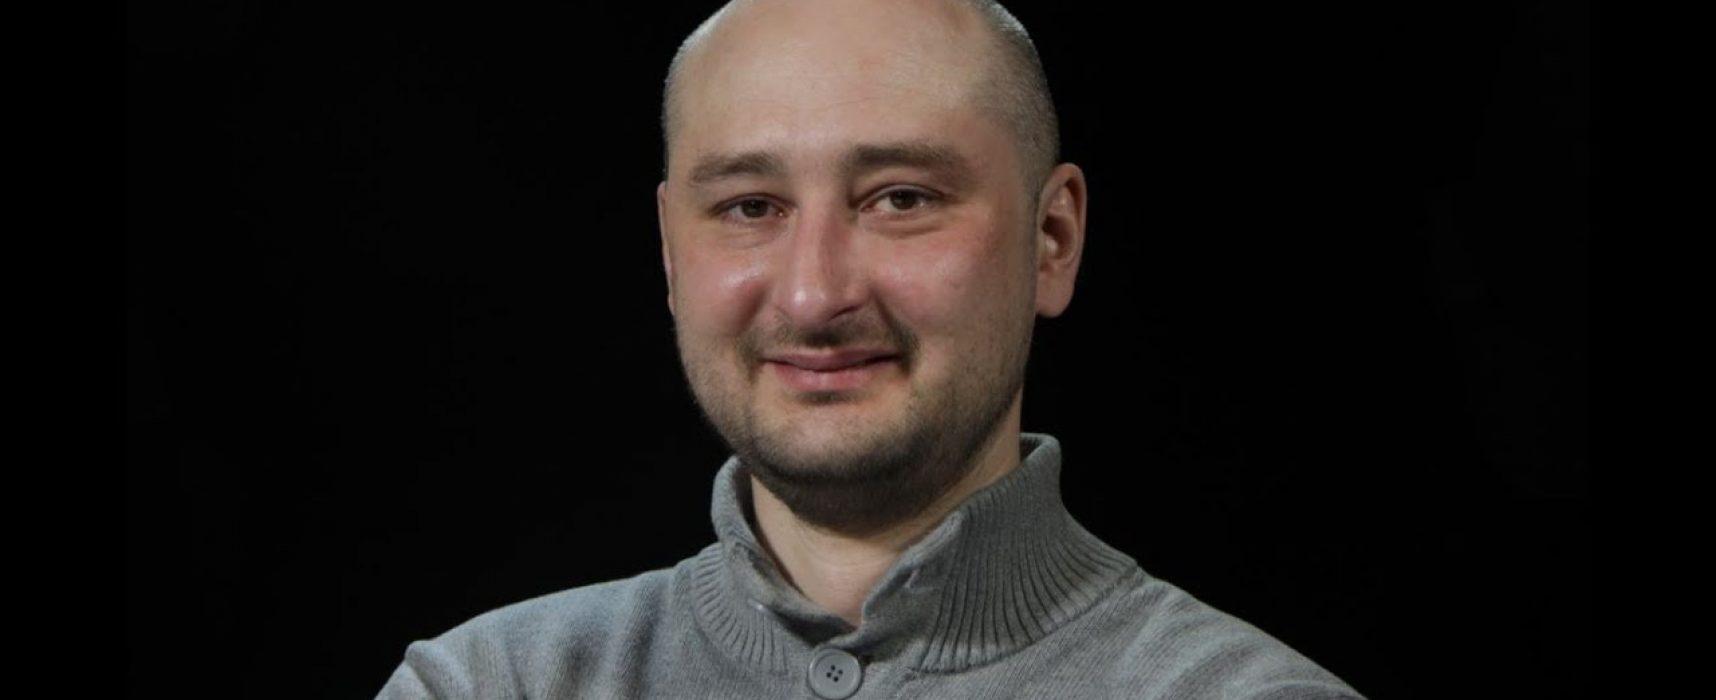 Mord Arkadij Babtschenko – erste Reaktionen russischer Medien und soziale Netzwerke